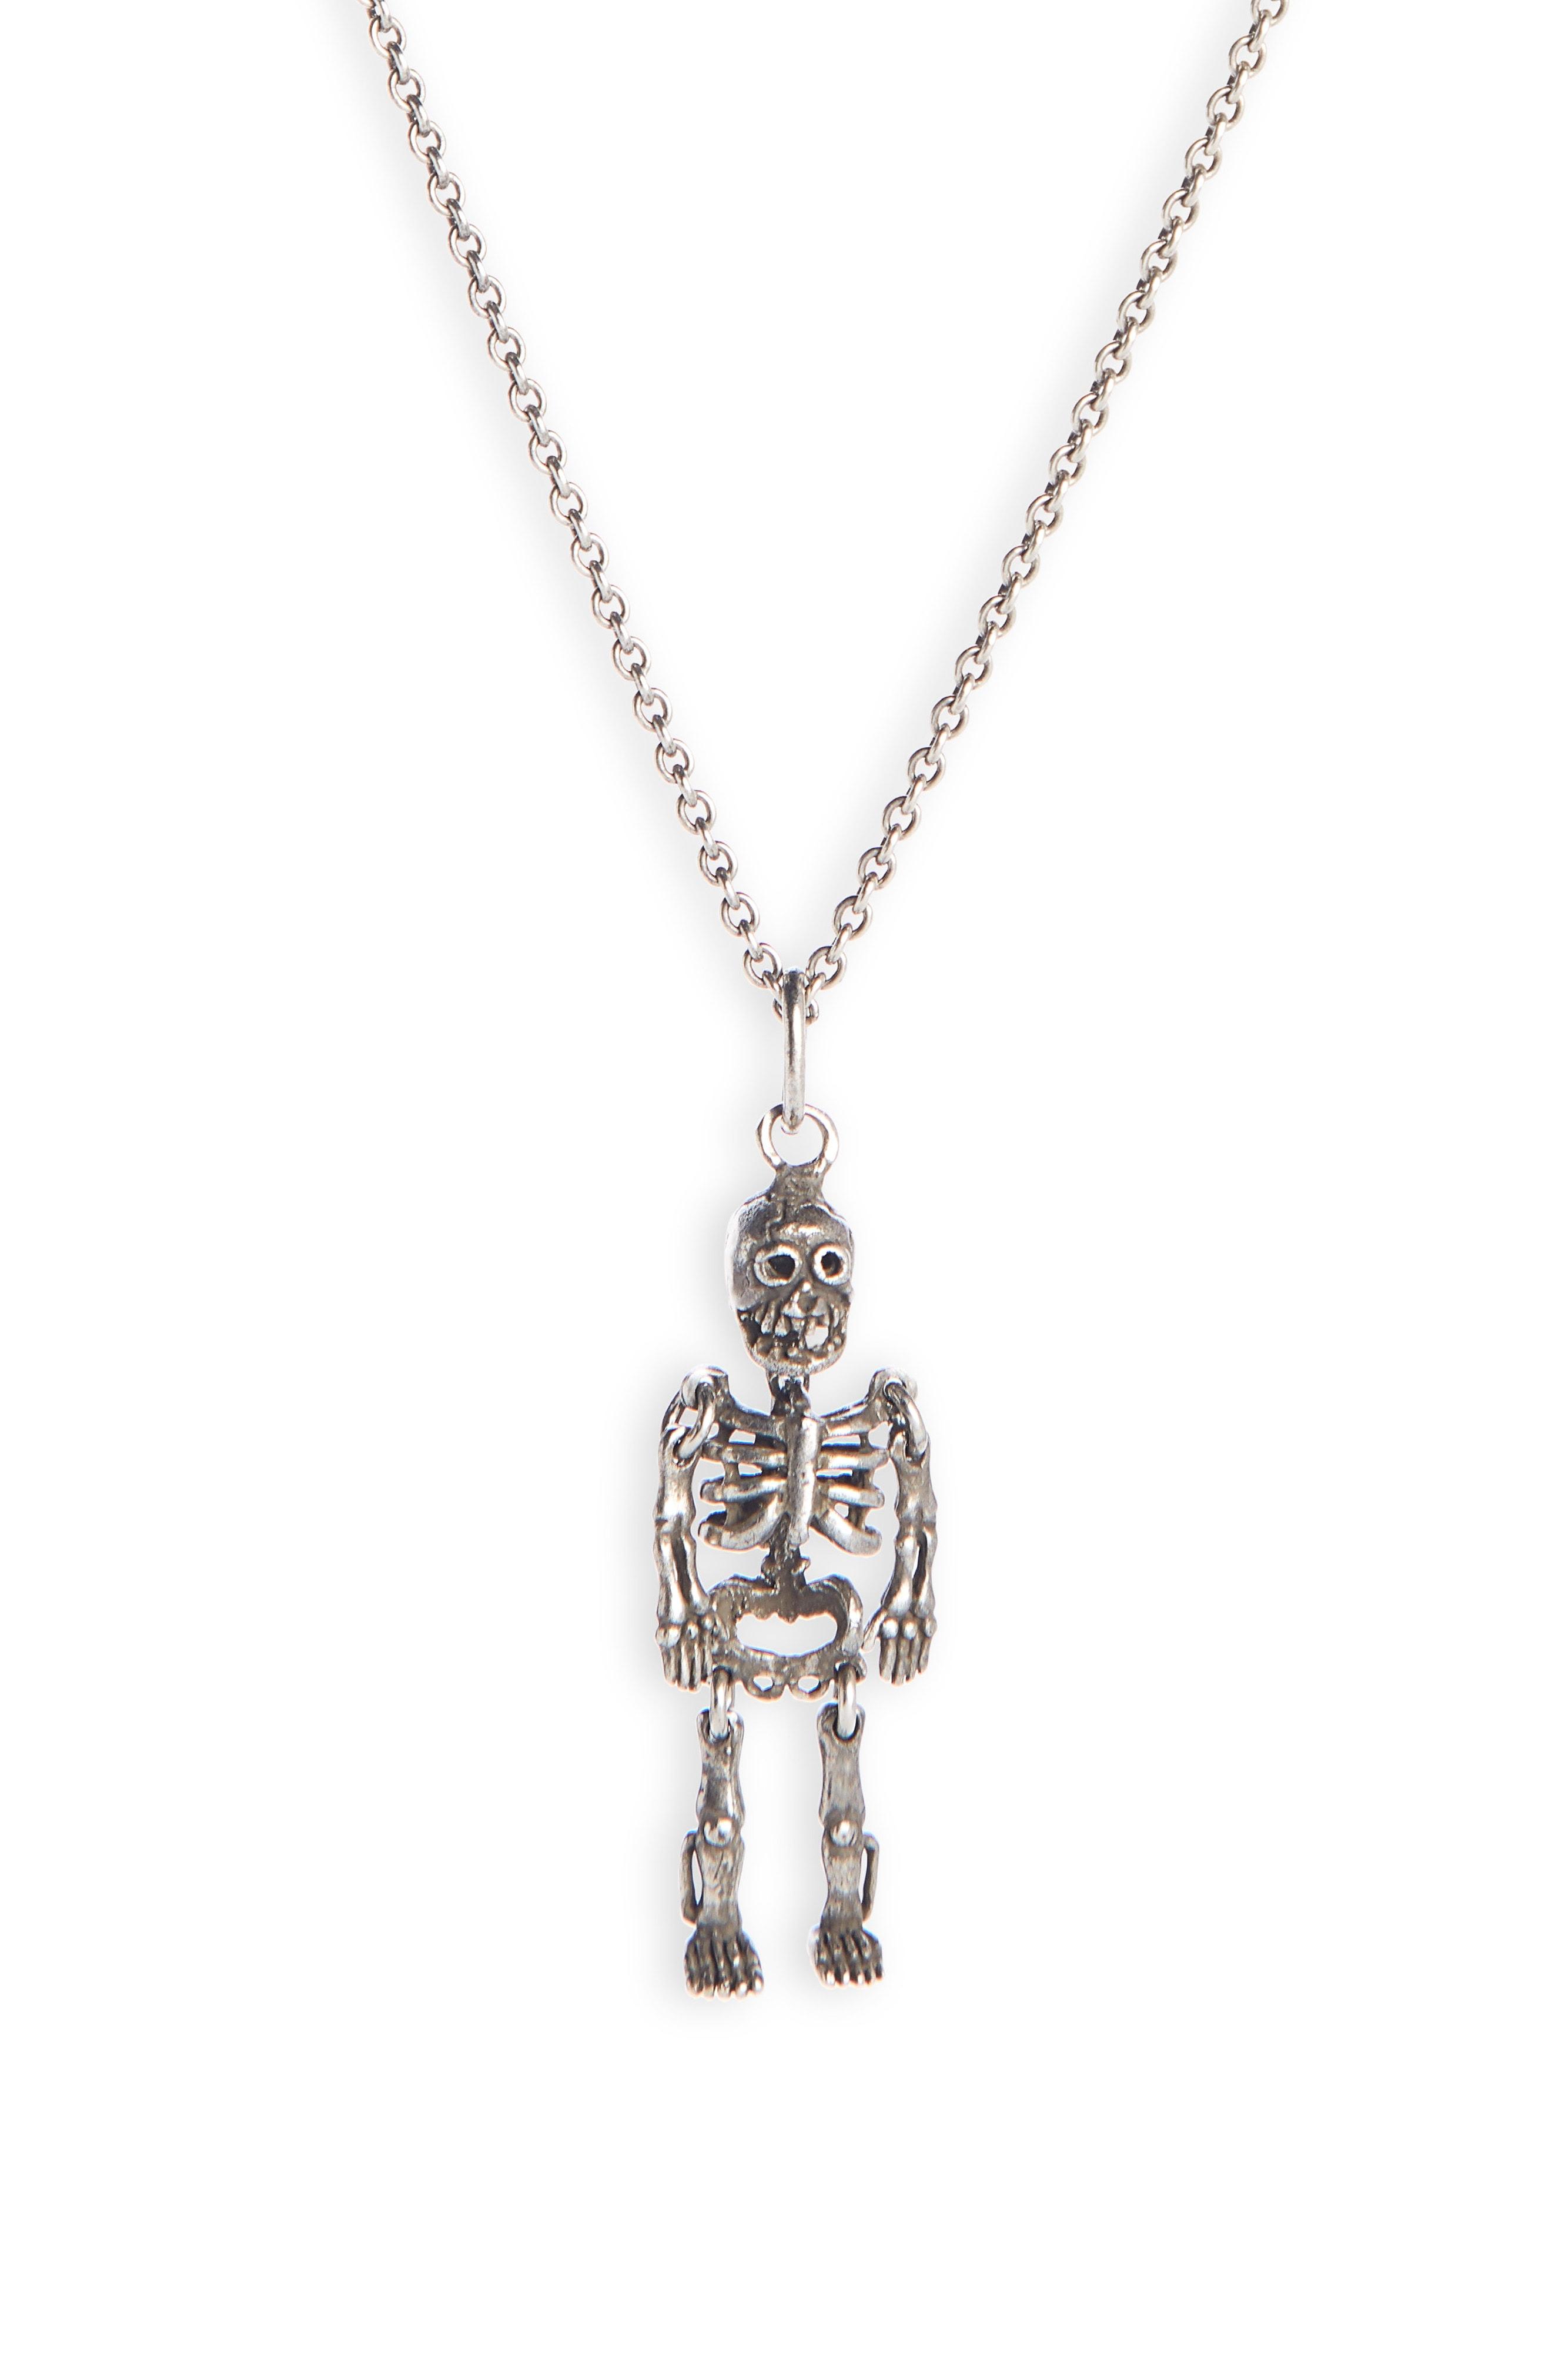 57cdfd477bd Men's Saint Laurent Skeleton Pendant Necklace | The Fashionisto